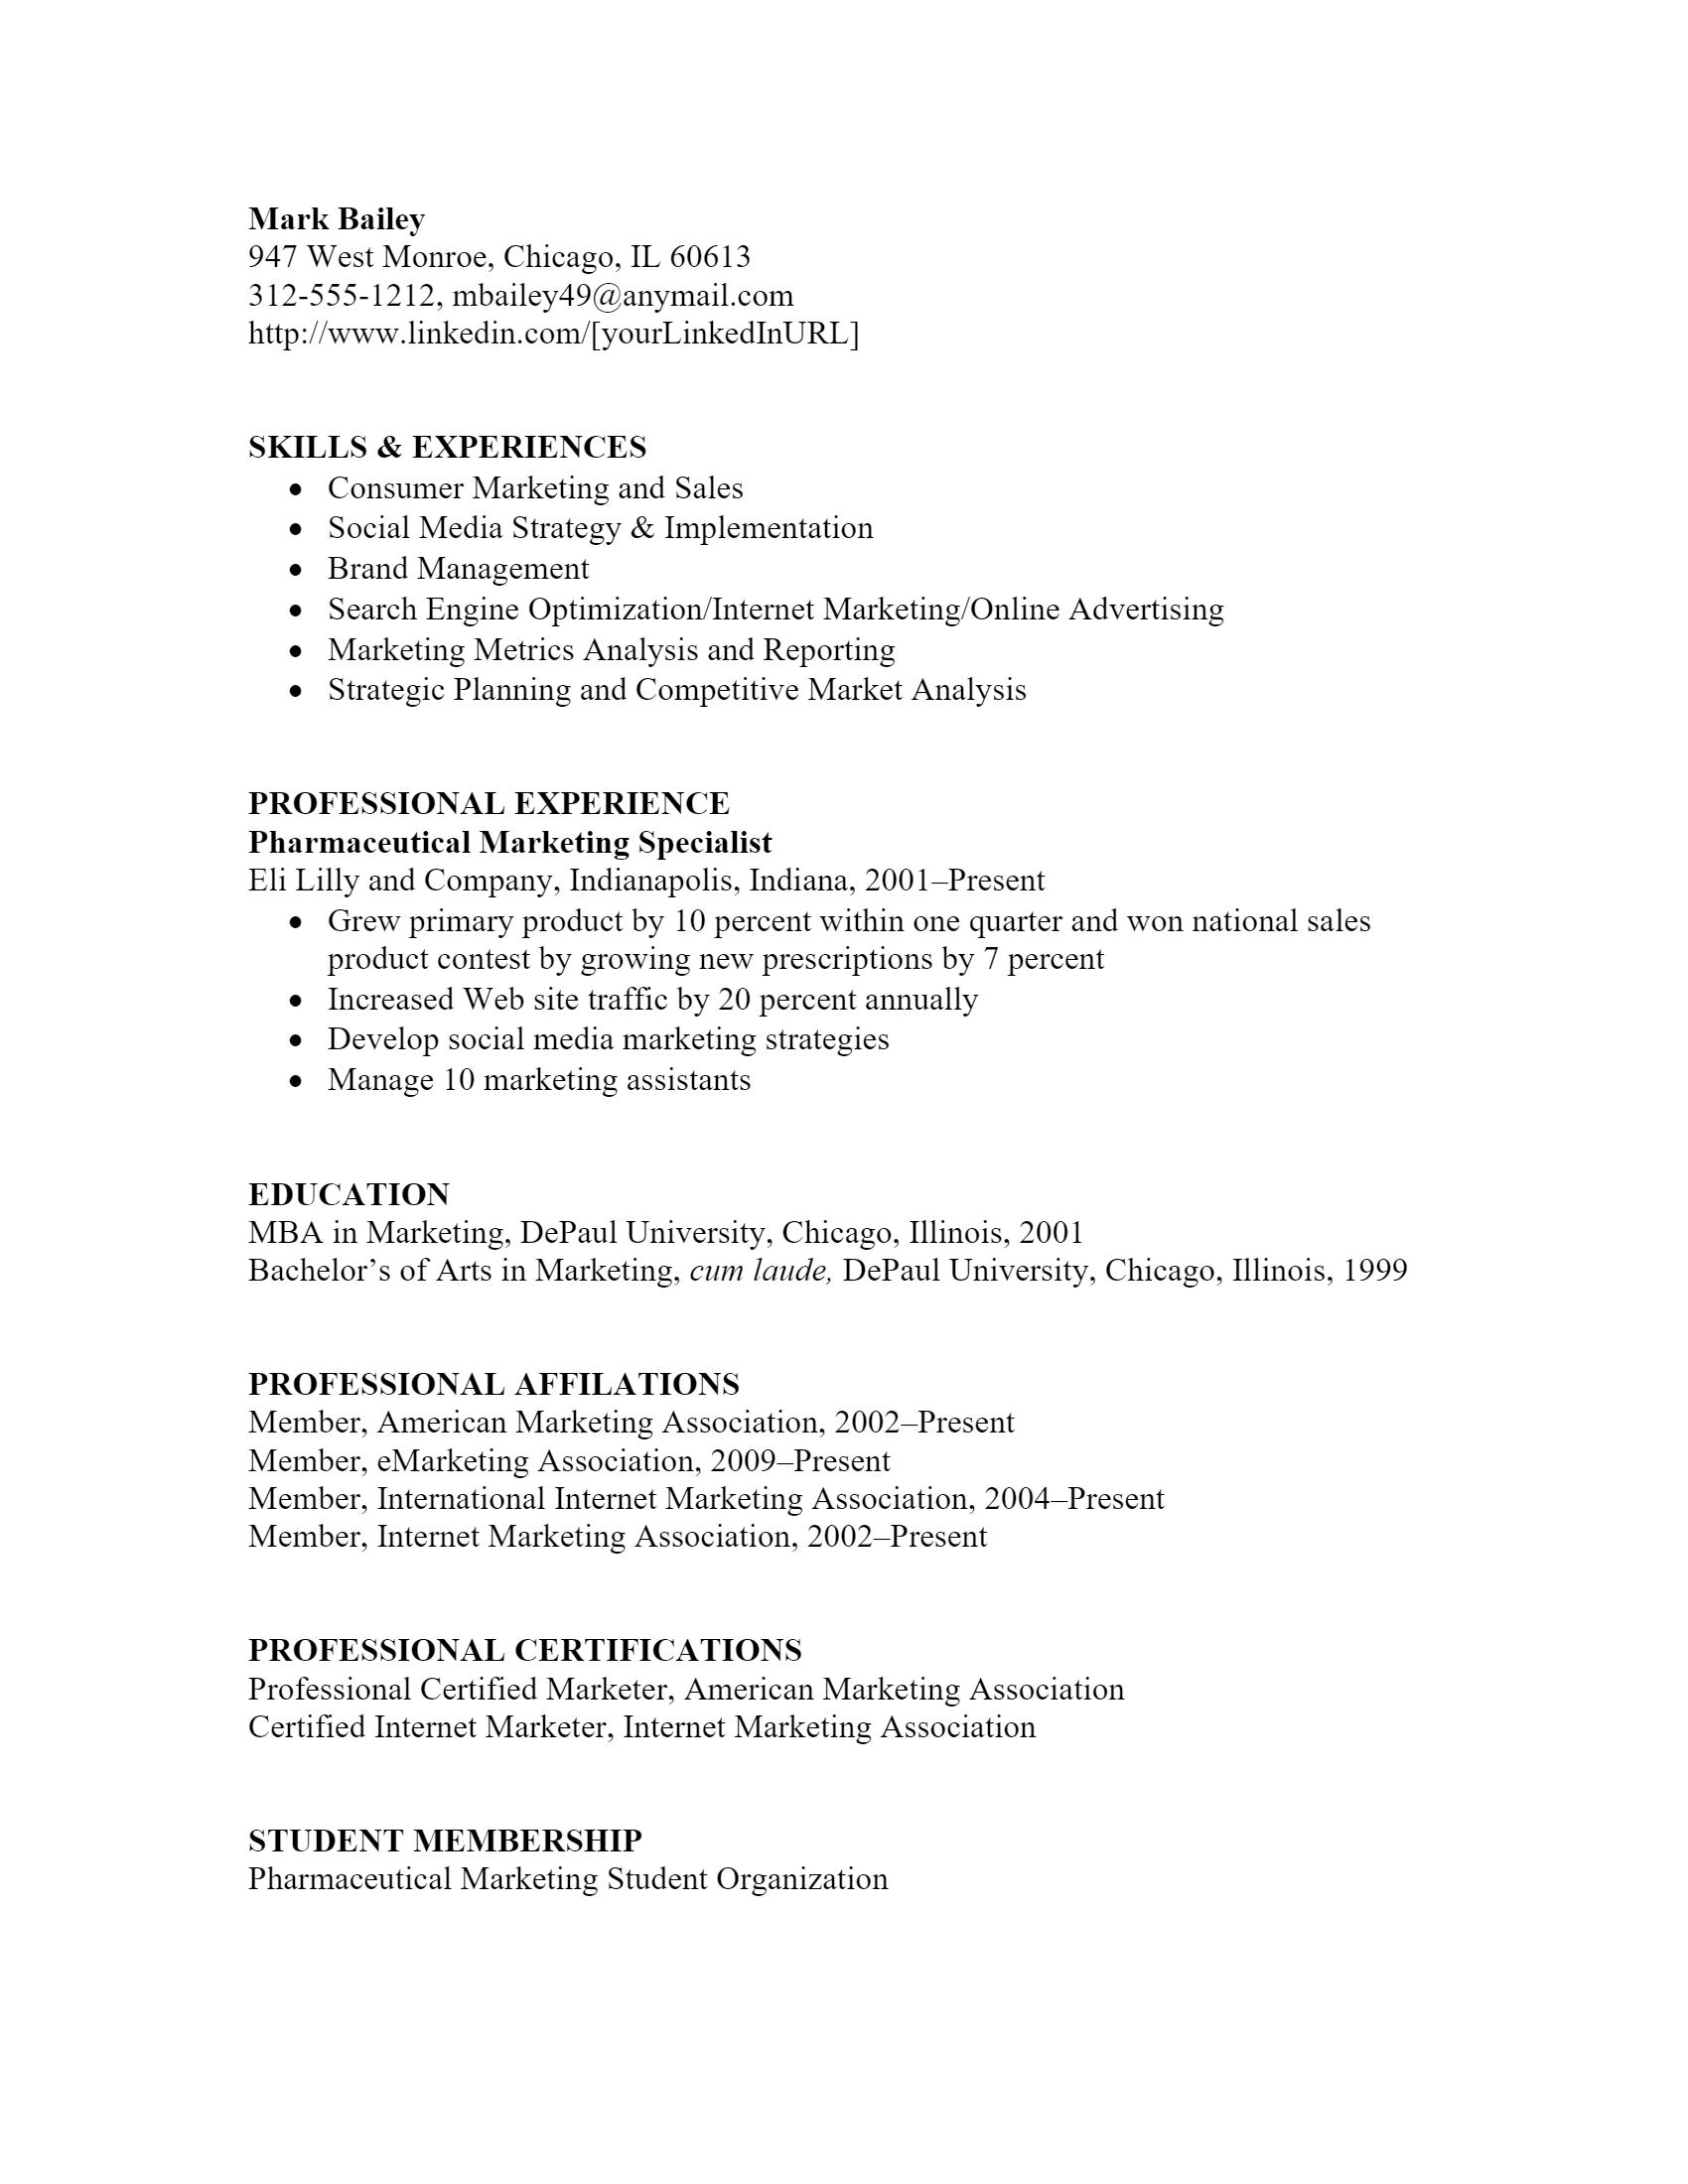 Pharmaceutical Marketing Resume > Pharmaceutical Marketing Resume .Docx (Word)